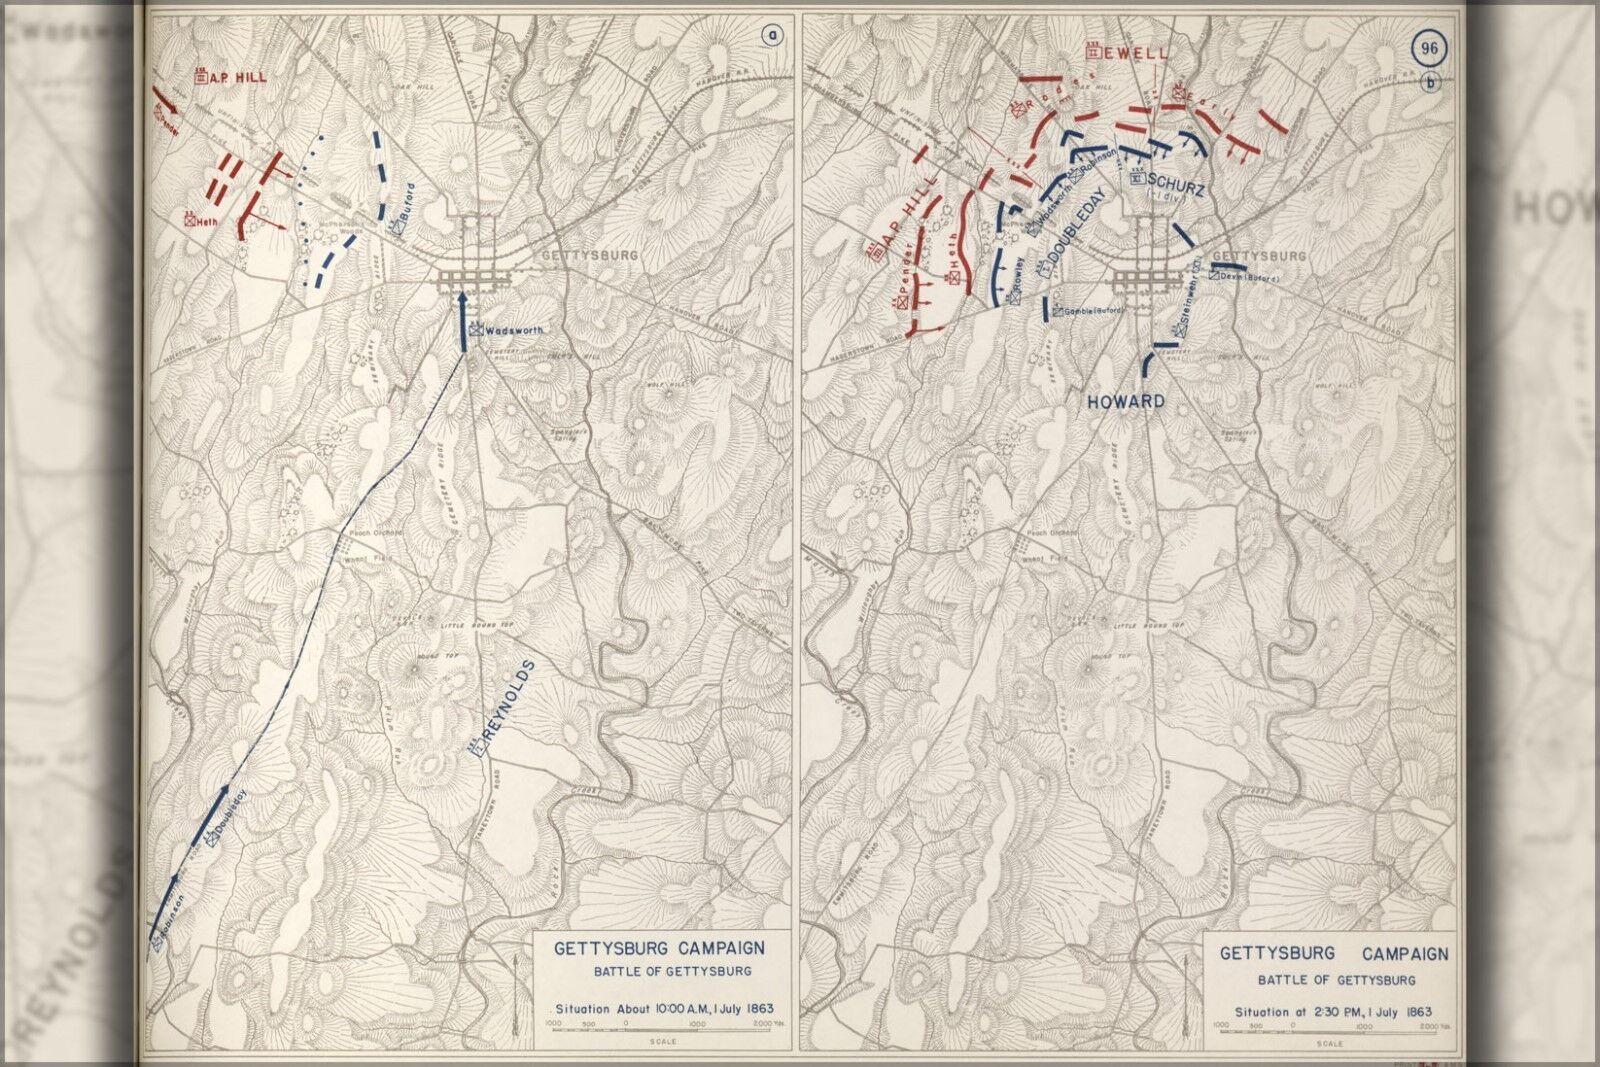 Poster, Molte Misure; Battaglia Mappa Mappa Mappa Del Gettysburg Campagnia, 1863 P1 aaf3da